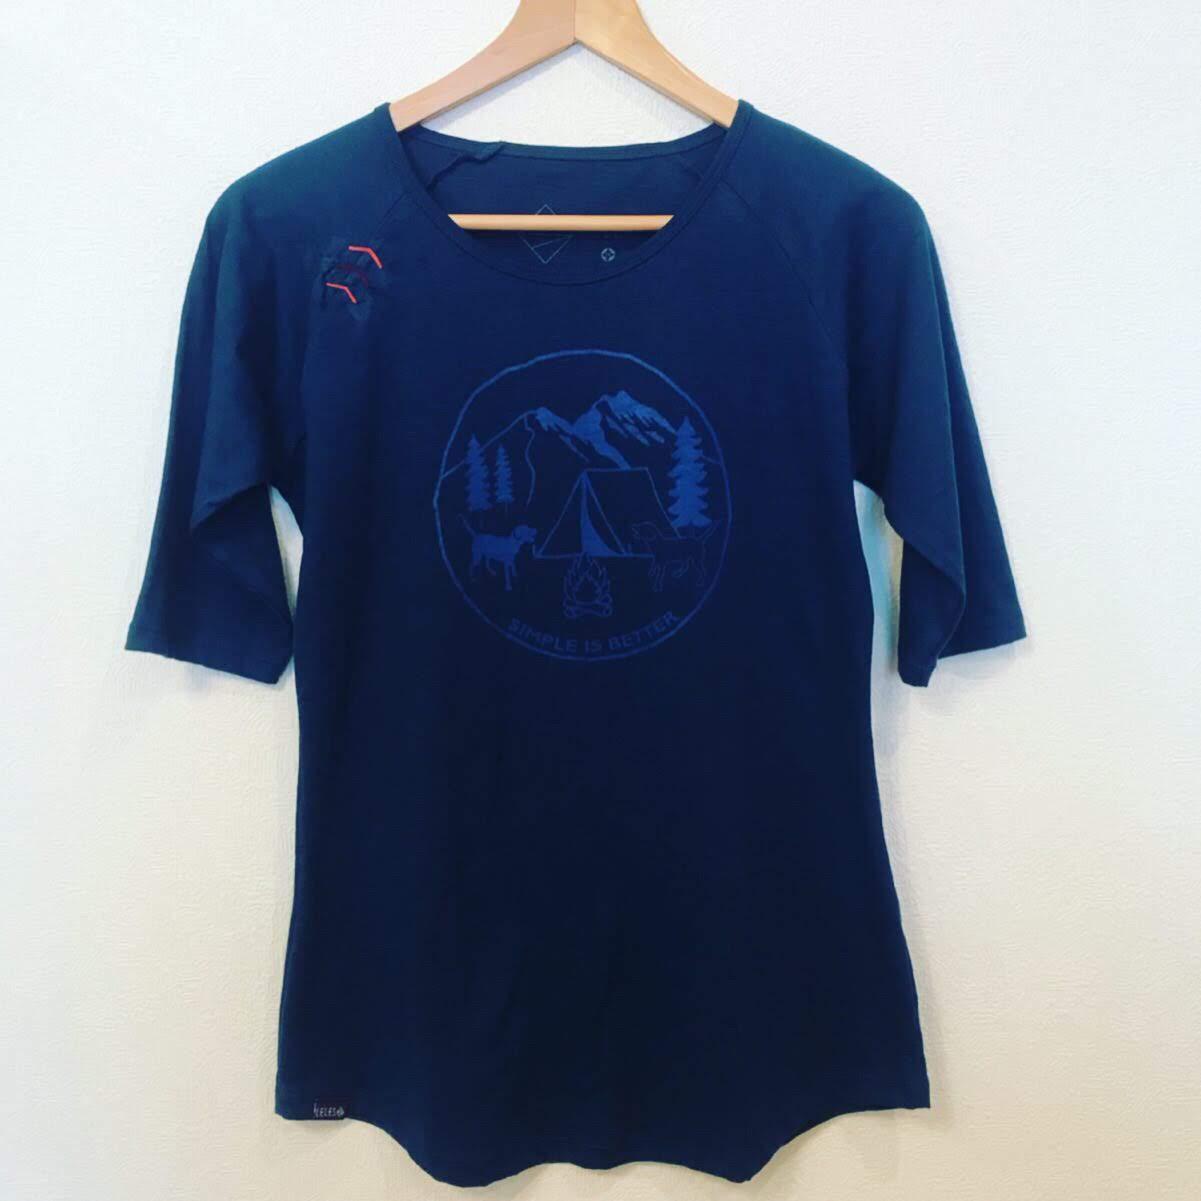 ラグランTシャツ わんことキャンプ ネイビー画像